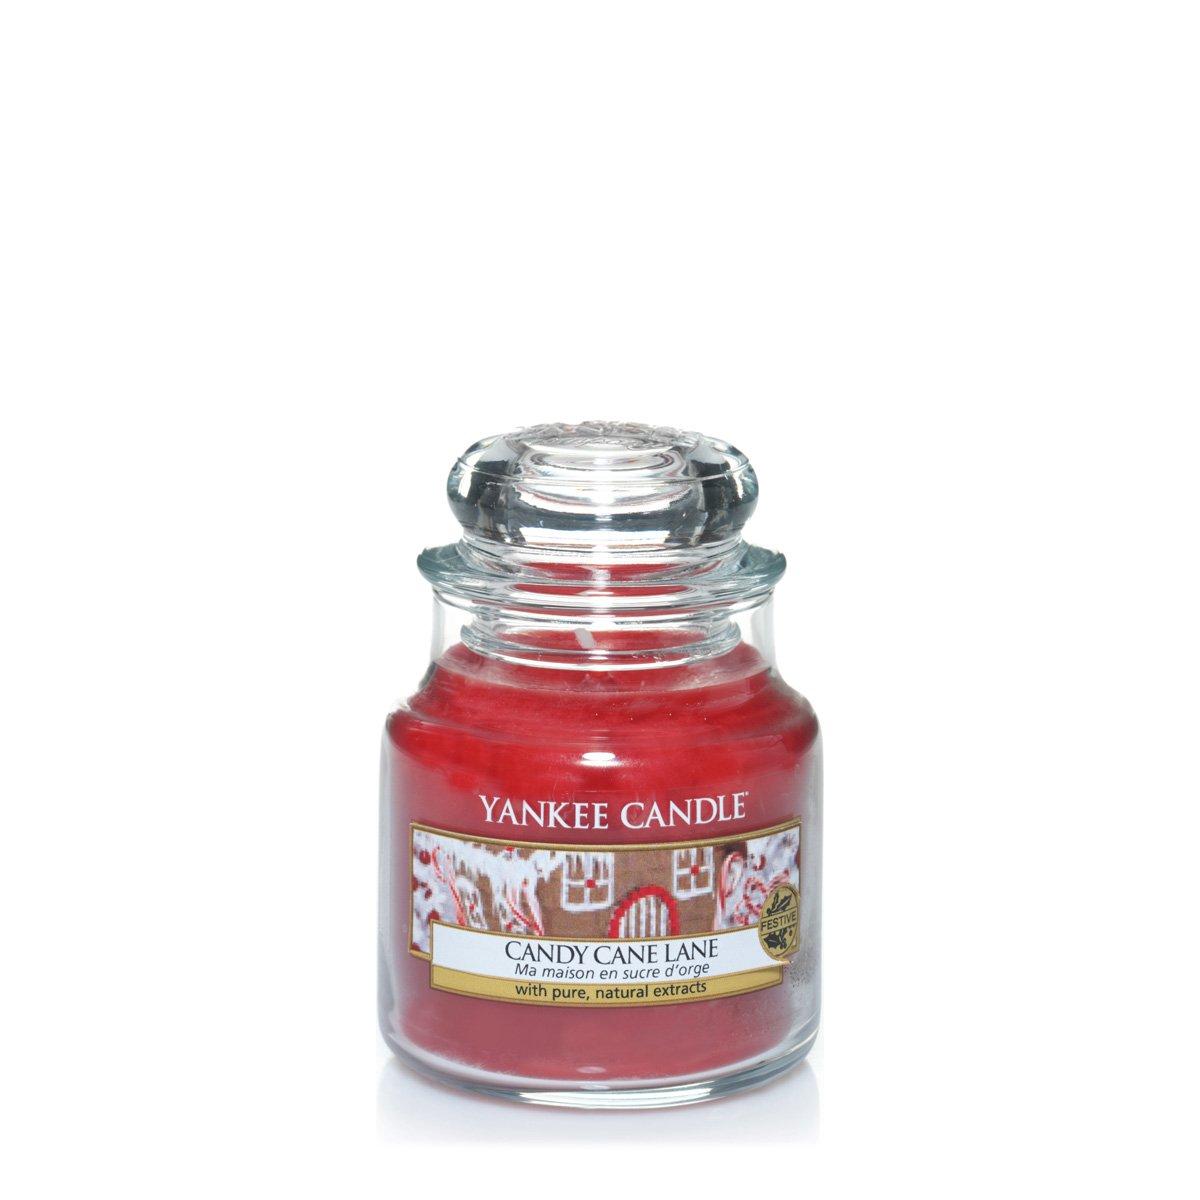 YANKEE CANDLE 1308388 Tartelette Senteur Candy Cane Lane/Ma Maison en Sucre d'orge Cire Blanc 5,8 x 5,5 x 2,0 cm 13083881